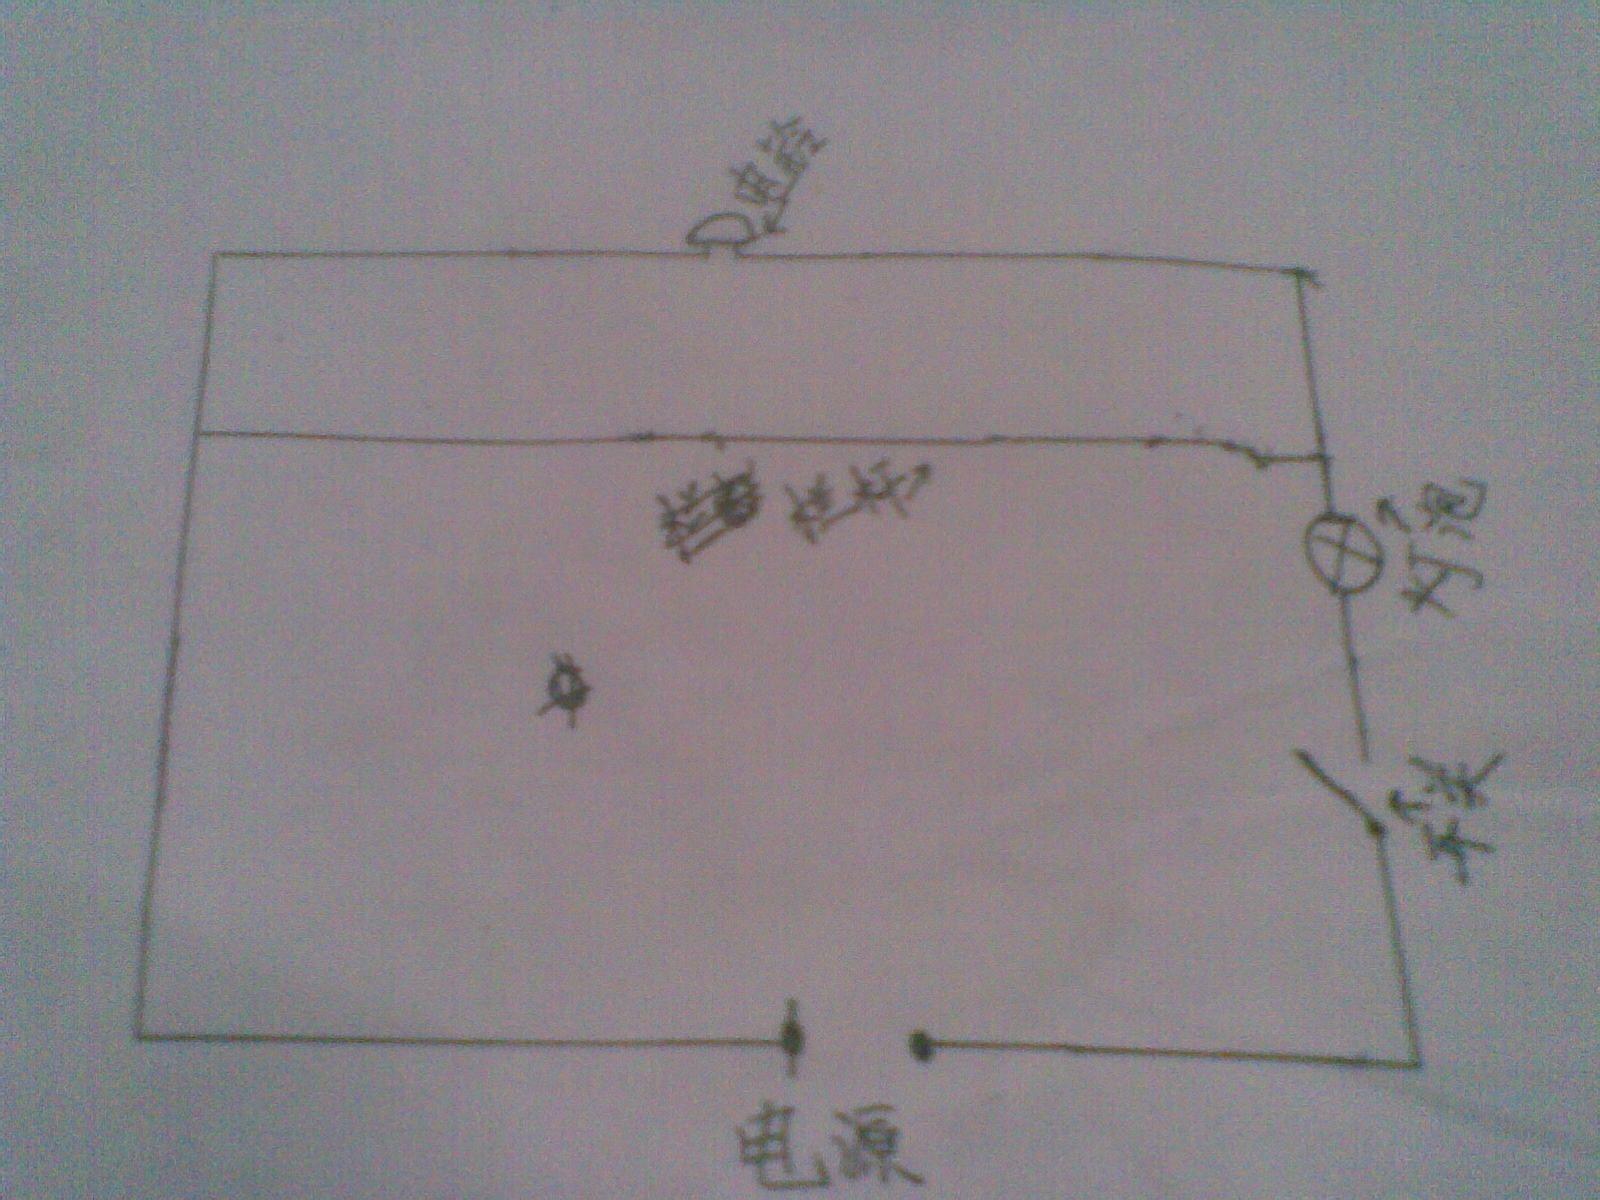 就像我画的电路图似的,栏杆上的导线把电铃短路,牛群